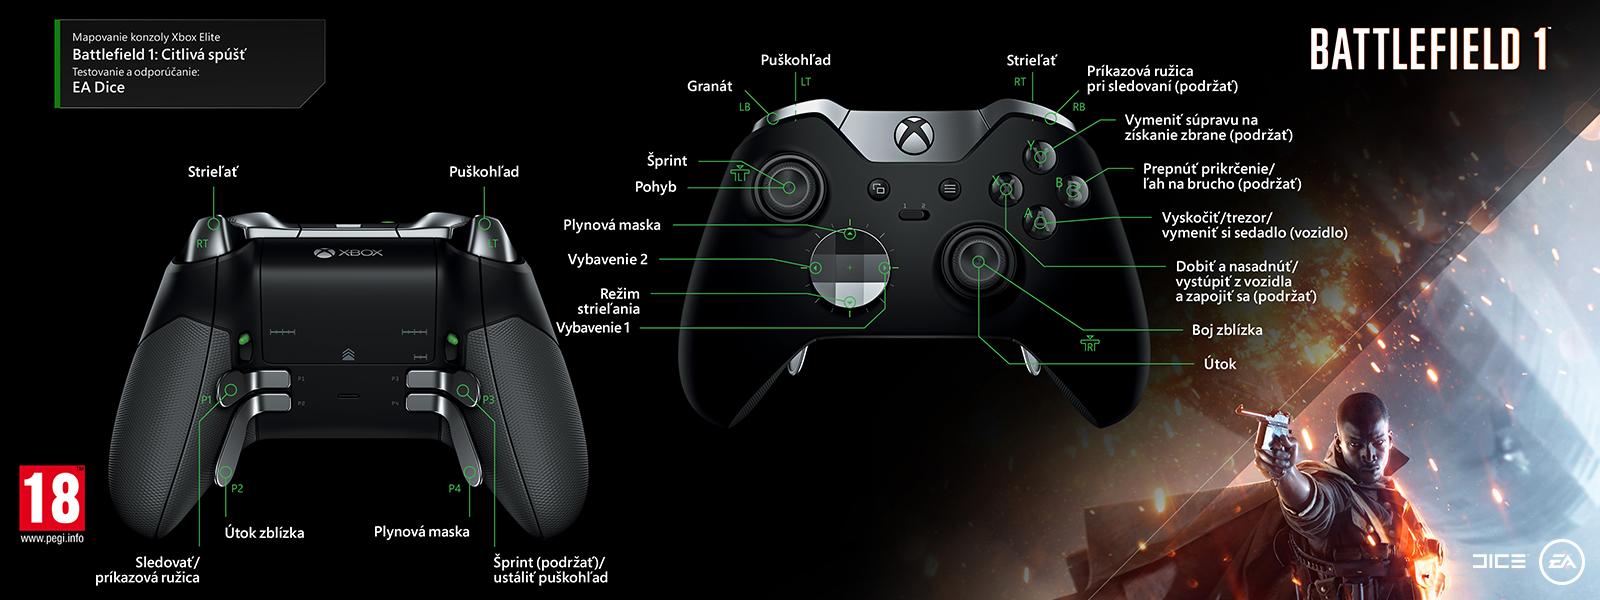 Mapovanie jemných spúští v hre Battlefield 1